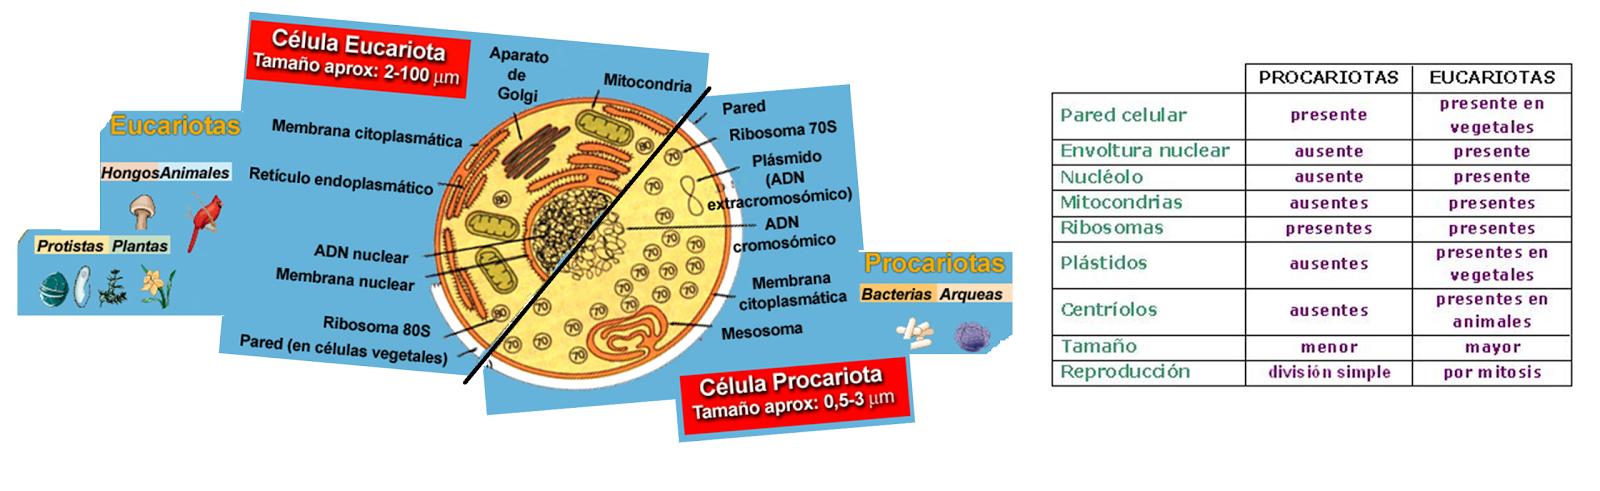 La Célula Desde Una Perspectiva Evolutiva | Biología.